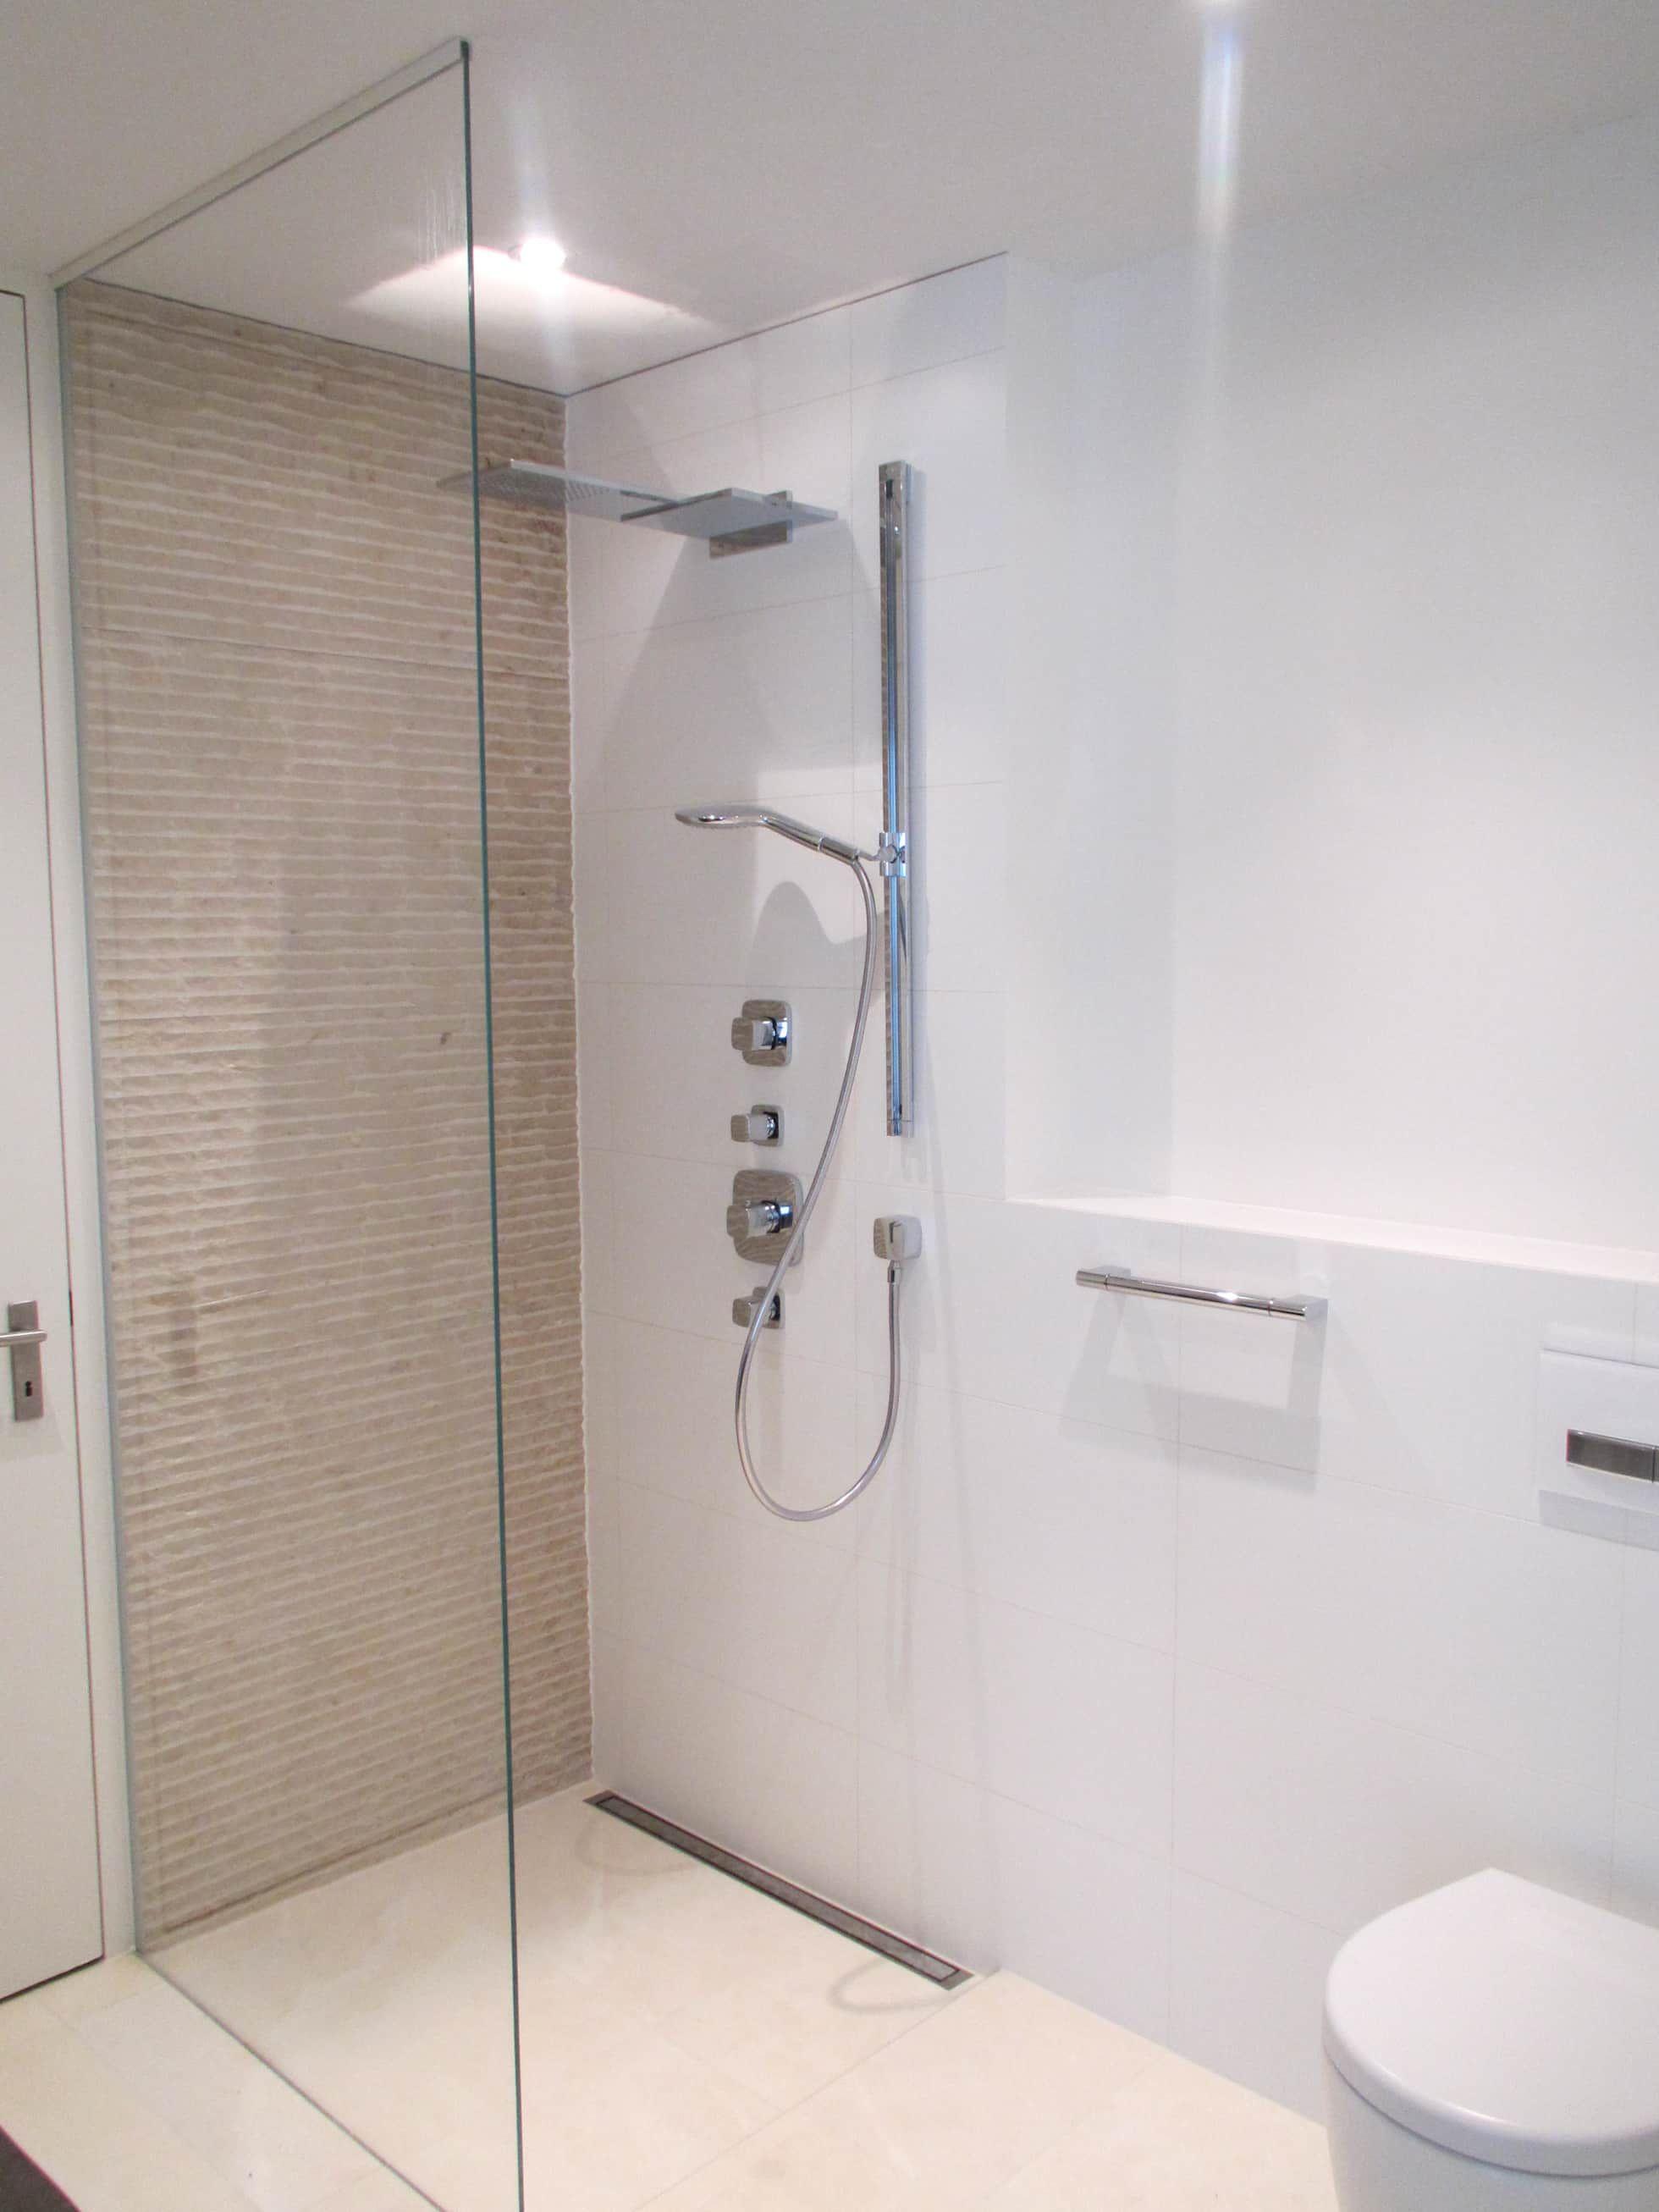 Begehbare Duschen Moderne Badezimmer Von Bauarena Modern In 2020 Badezimmer Badezimmer Innenausstattung Und Badezimmer Klein